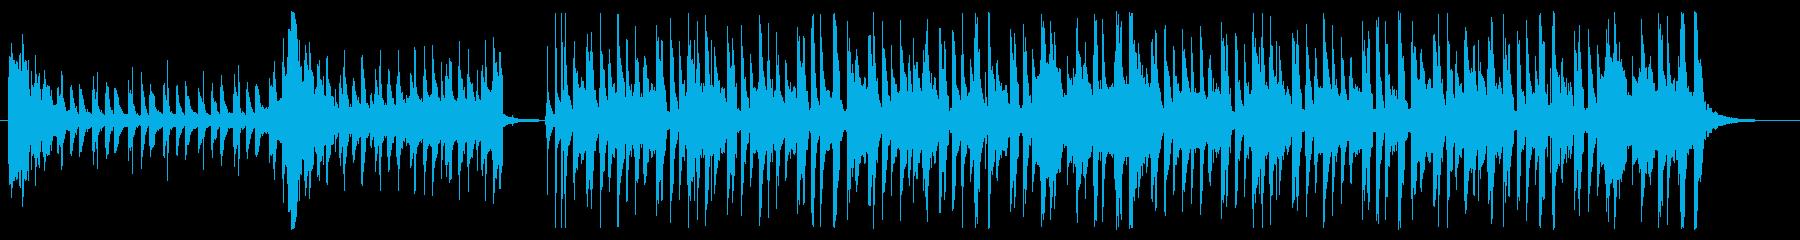 夏 爽やか ハウス メロ無60秒版の再生済みの波形